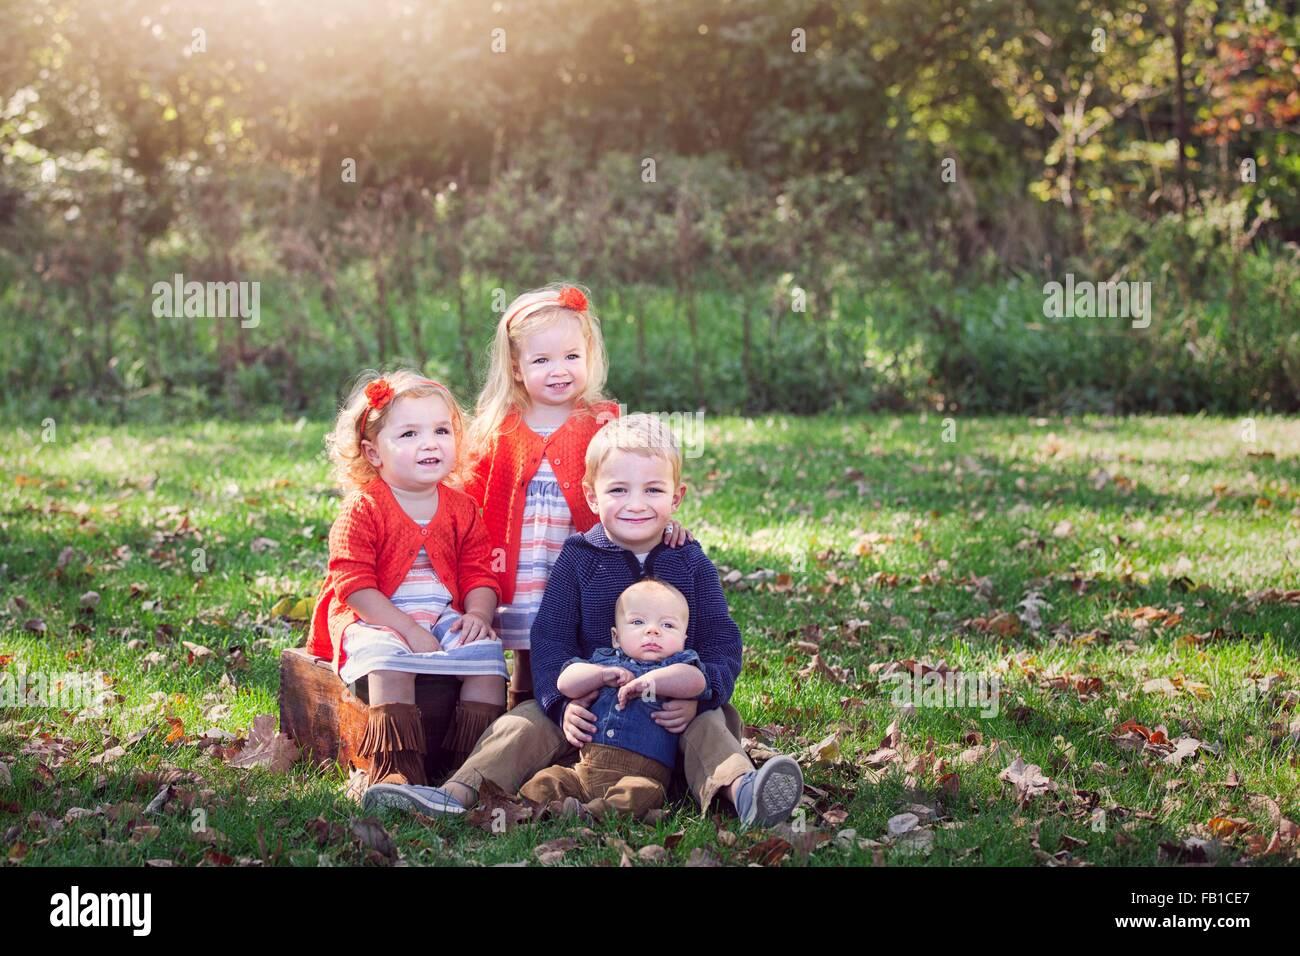 Vier Kinder Familie auf Herbst Blatt bedeckt posiert für Foto lächelnd Rasen Stockbild